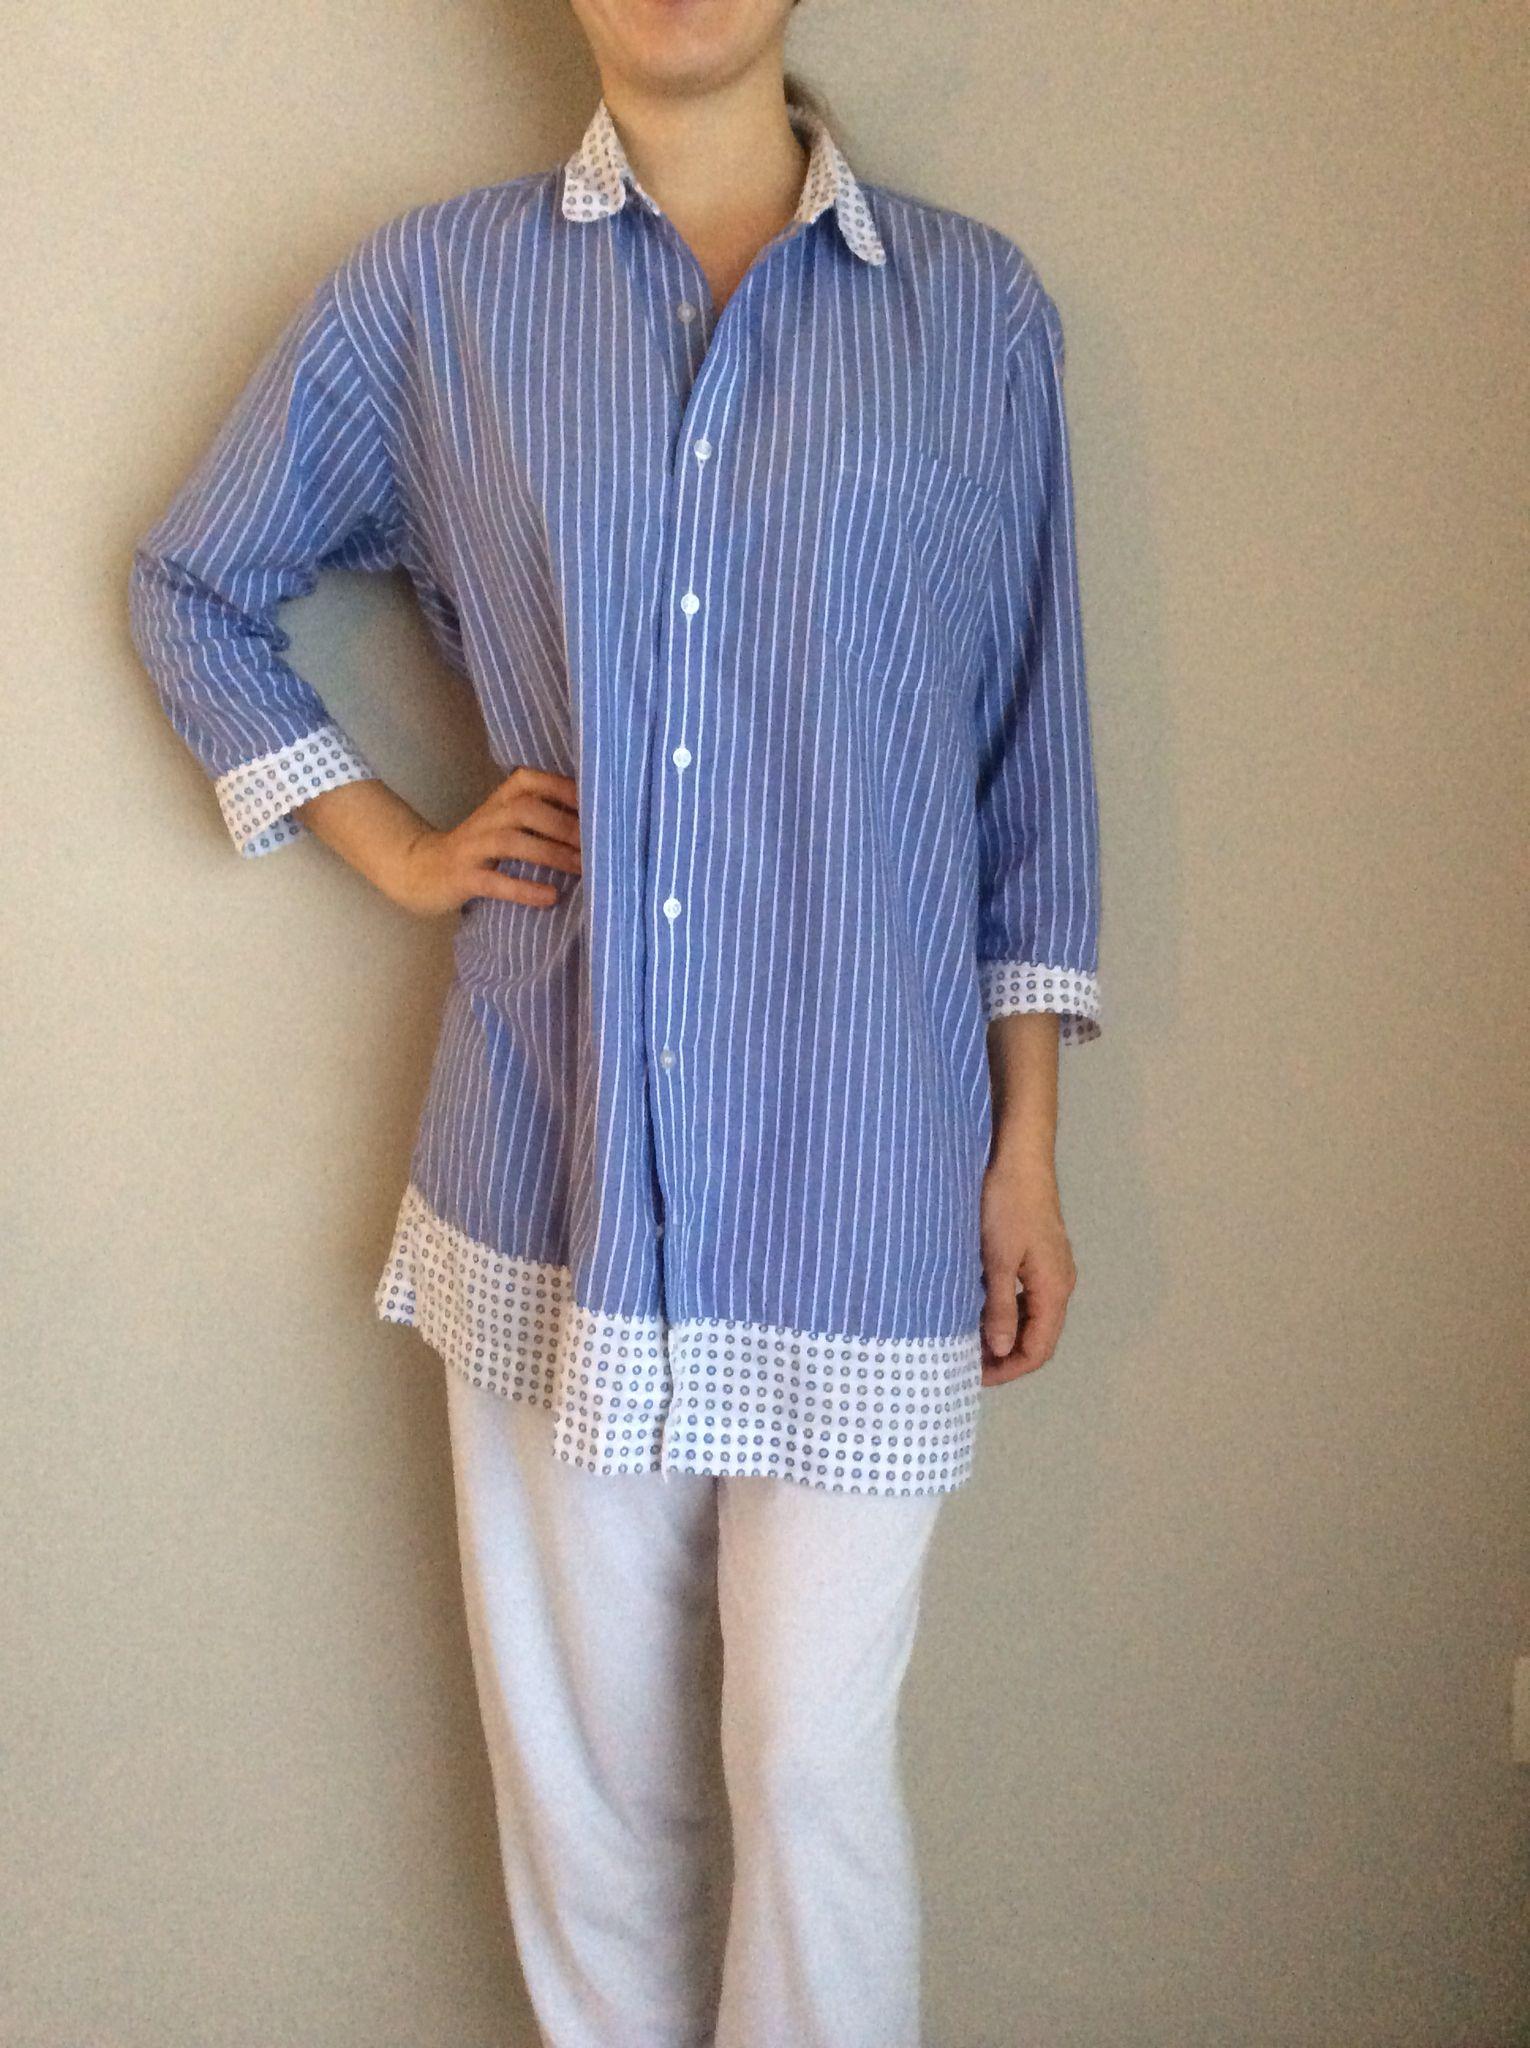 Reciclaje  de camisa de hombre a pijama de mujer 018734f71685e